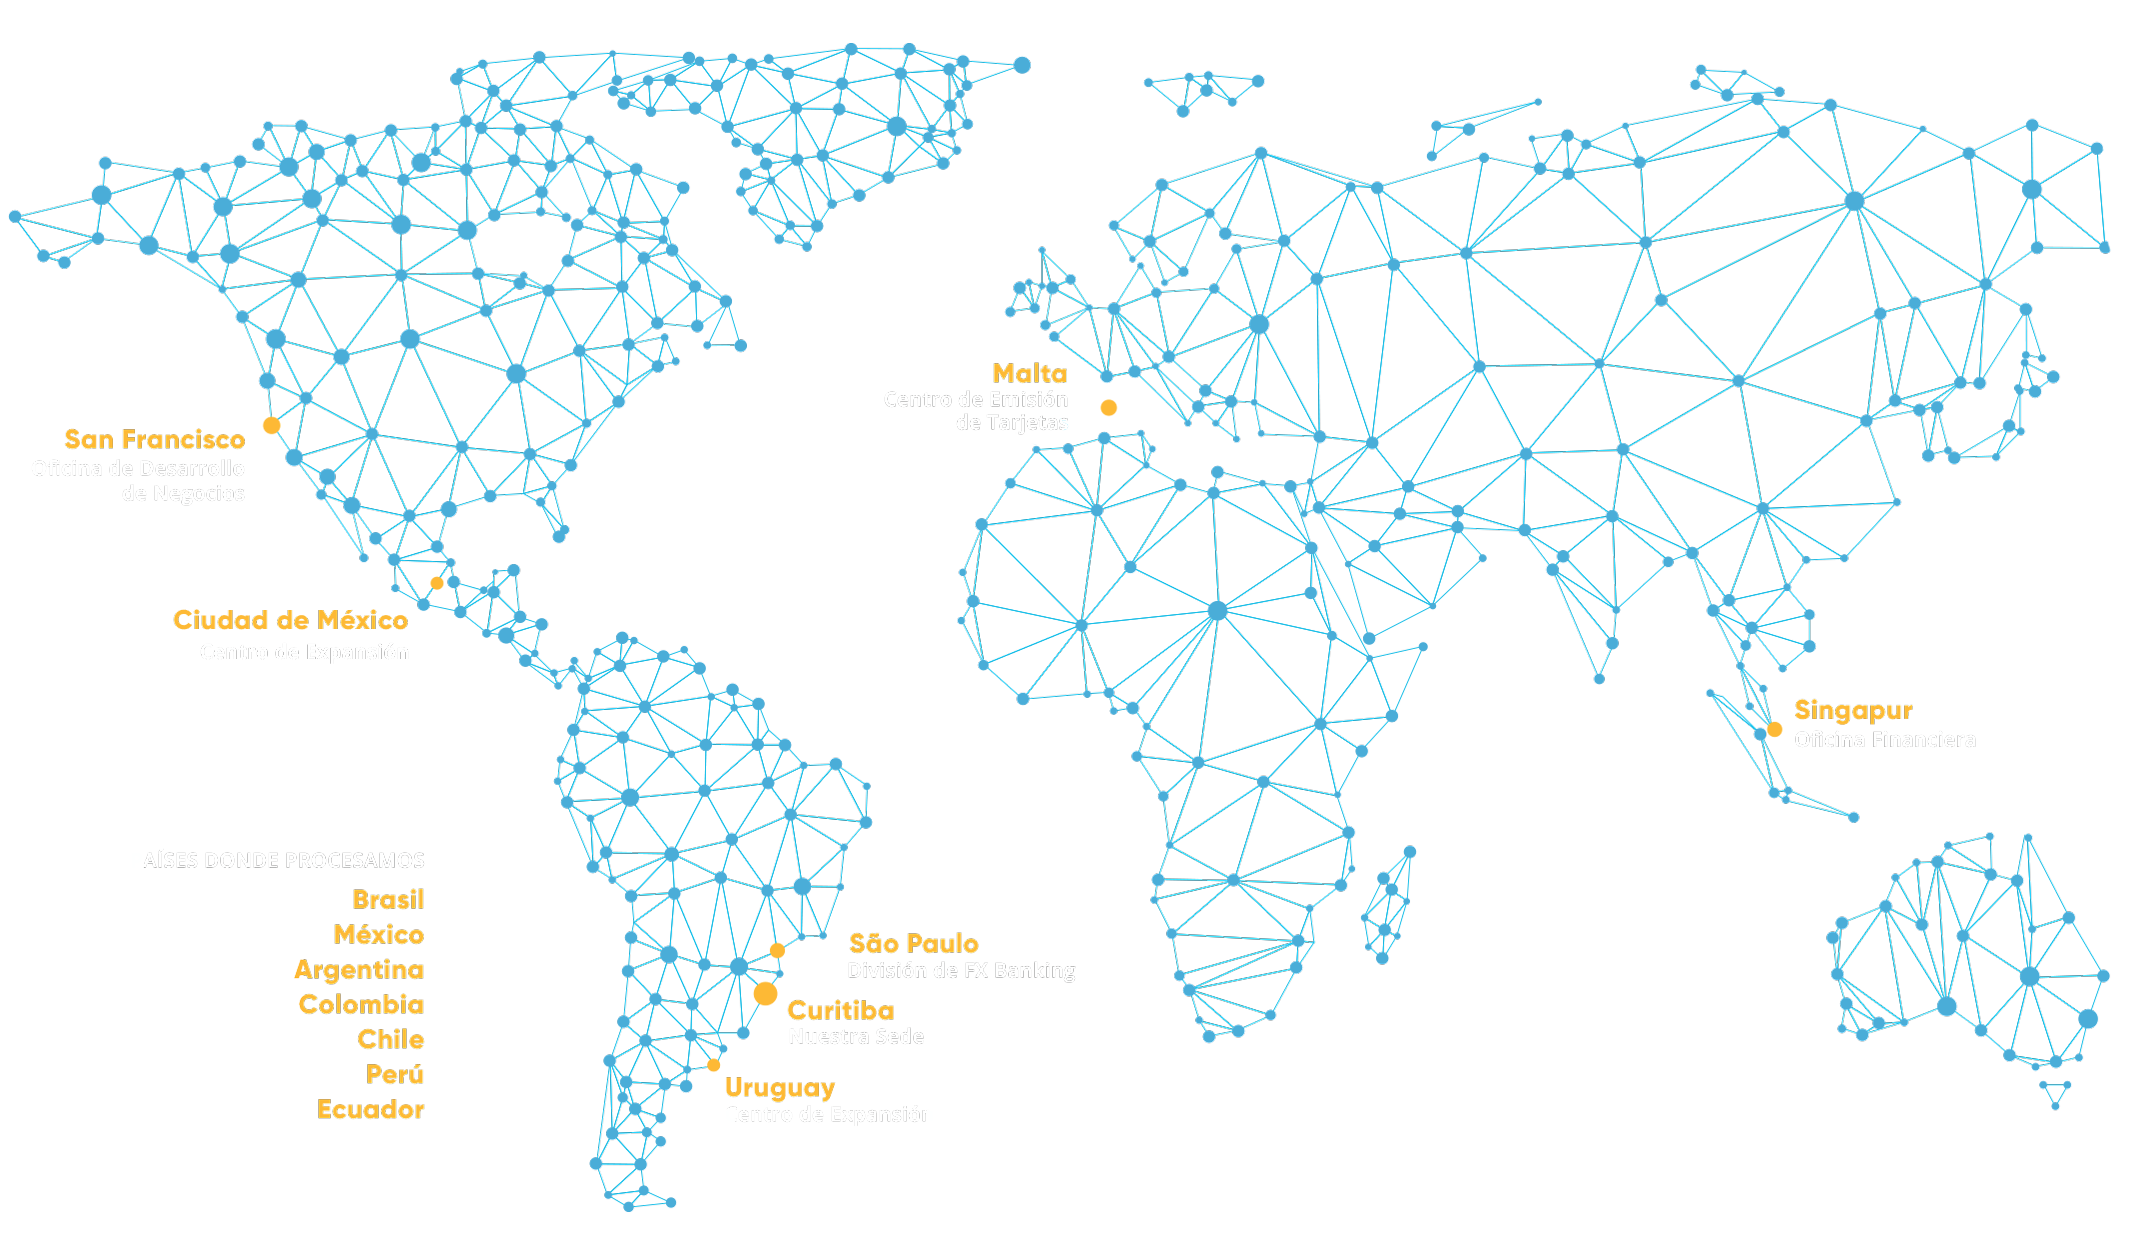 EBANX World Map